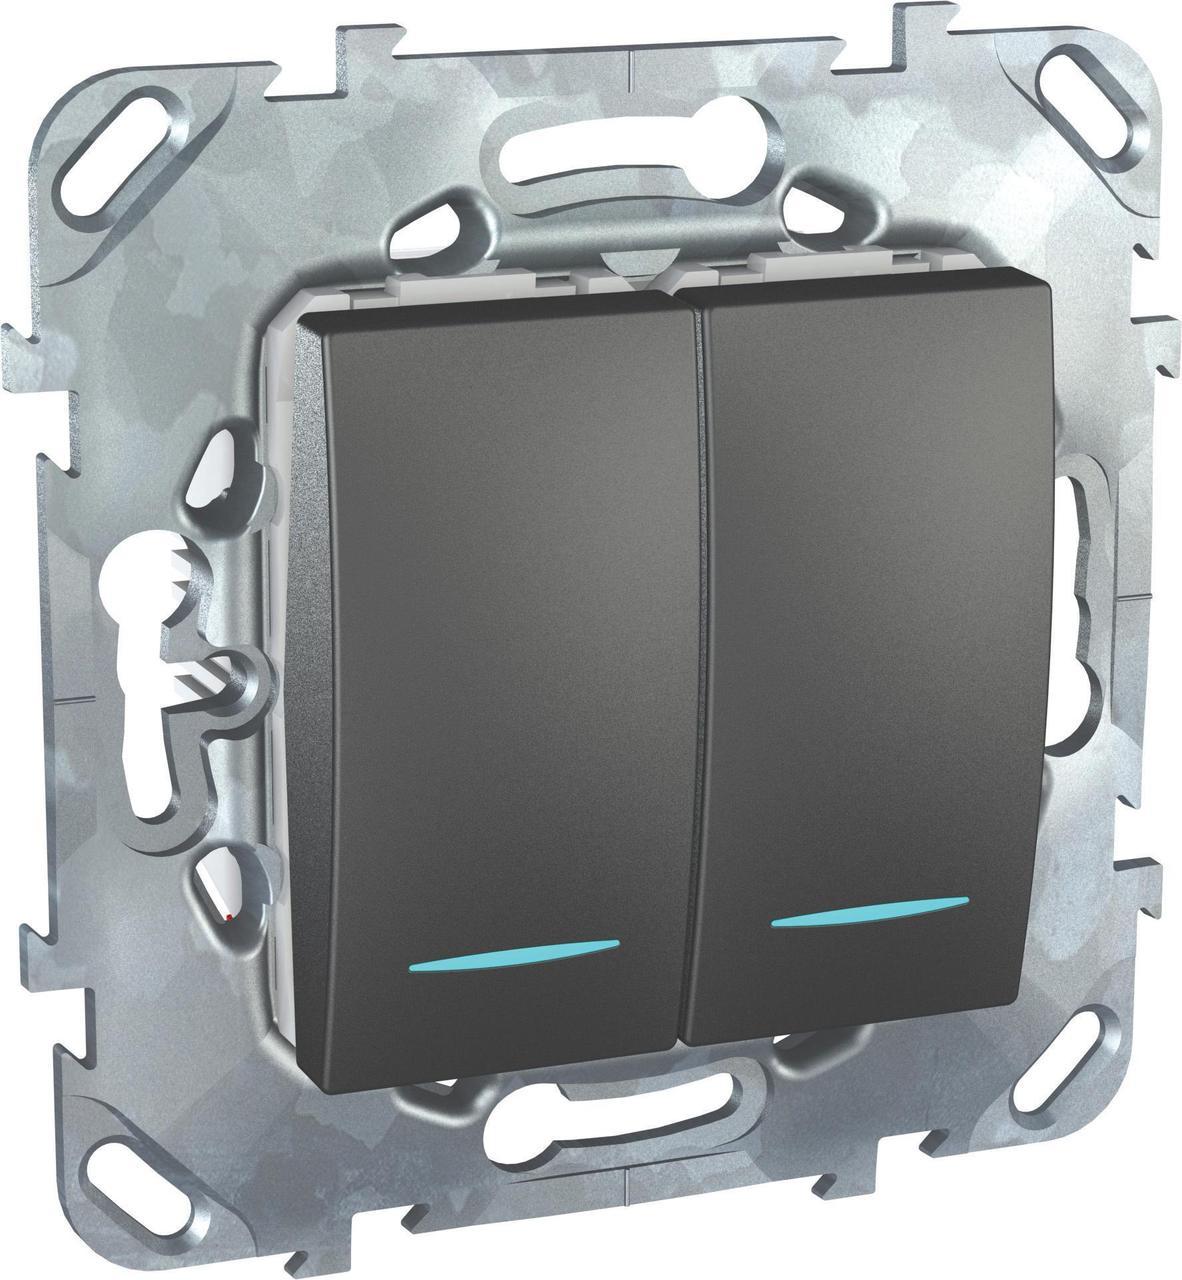 Выключатель 2-клавишный проходной с подсветкой (с двух мест) , Графит, серия UNICA TOP/CLASS, Schneider